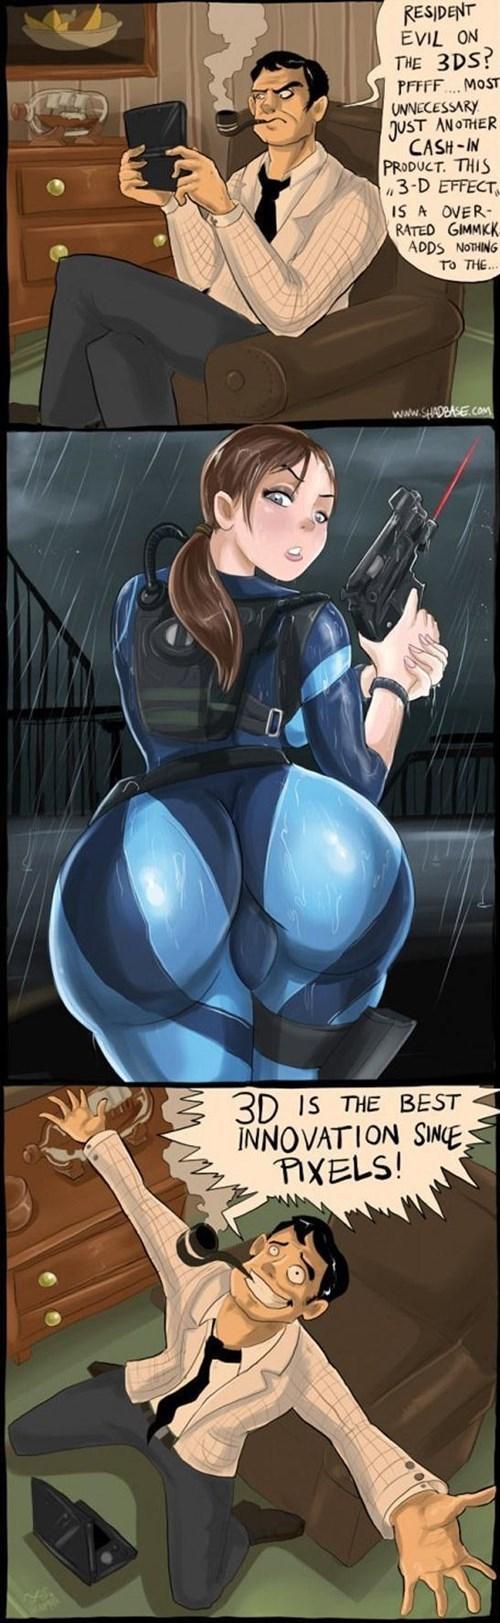 3d resident evil web comics - 8467097088